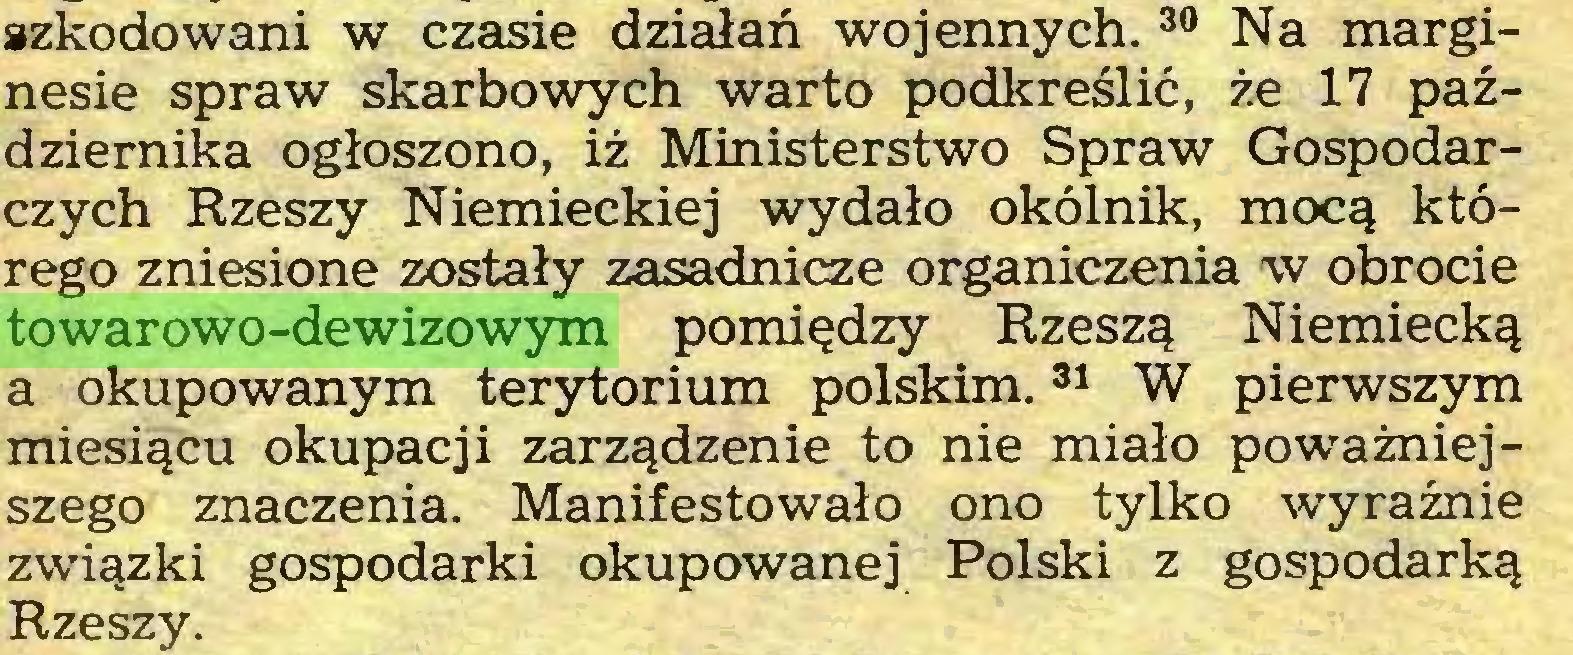 (...) szkodowani w czasie działań wojennych.30 Na marginesie spraw skarbowych warto podkreślić, że 17 października ogłoszono, iż Ministerstwo Spraw Gospodarczych Rzeszy Niemieckiej wydało okólnik, mocą którego zniesione zostały zasadnicze organiczenia w obrocie towarowo-dewizowym pomiędzy Rzeszą Niemiecką a okupowanym terytorium polskim.31 W pierwszym miesiącu okupacji zarządzenie to nie miało poważniejszego znaczenia. Manifestowało ono tylko wyraźnie związki gospodarki okupowanej Polski z gospodarką Rzeszy...